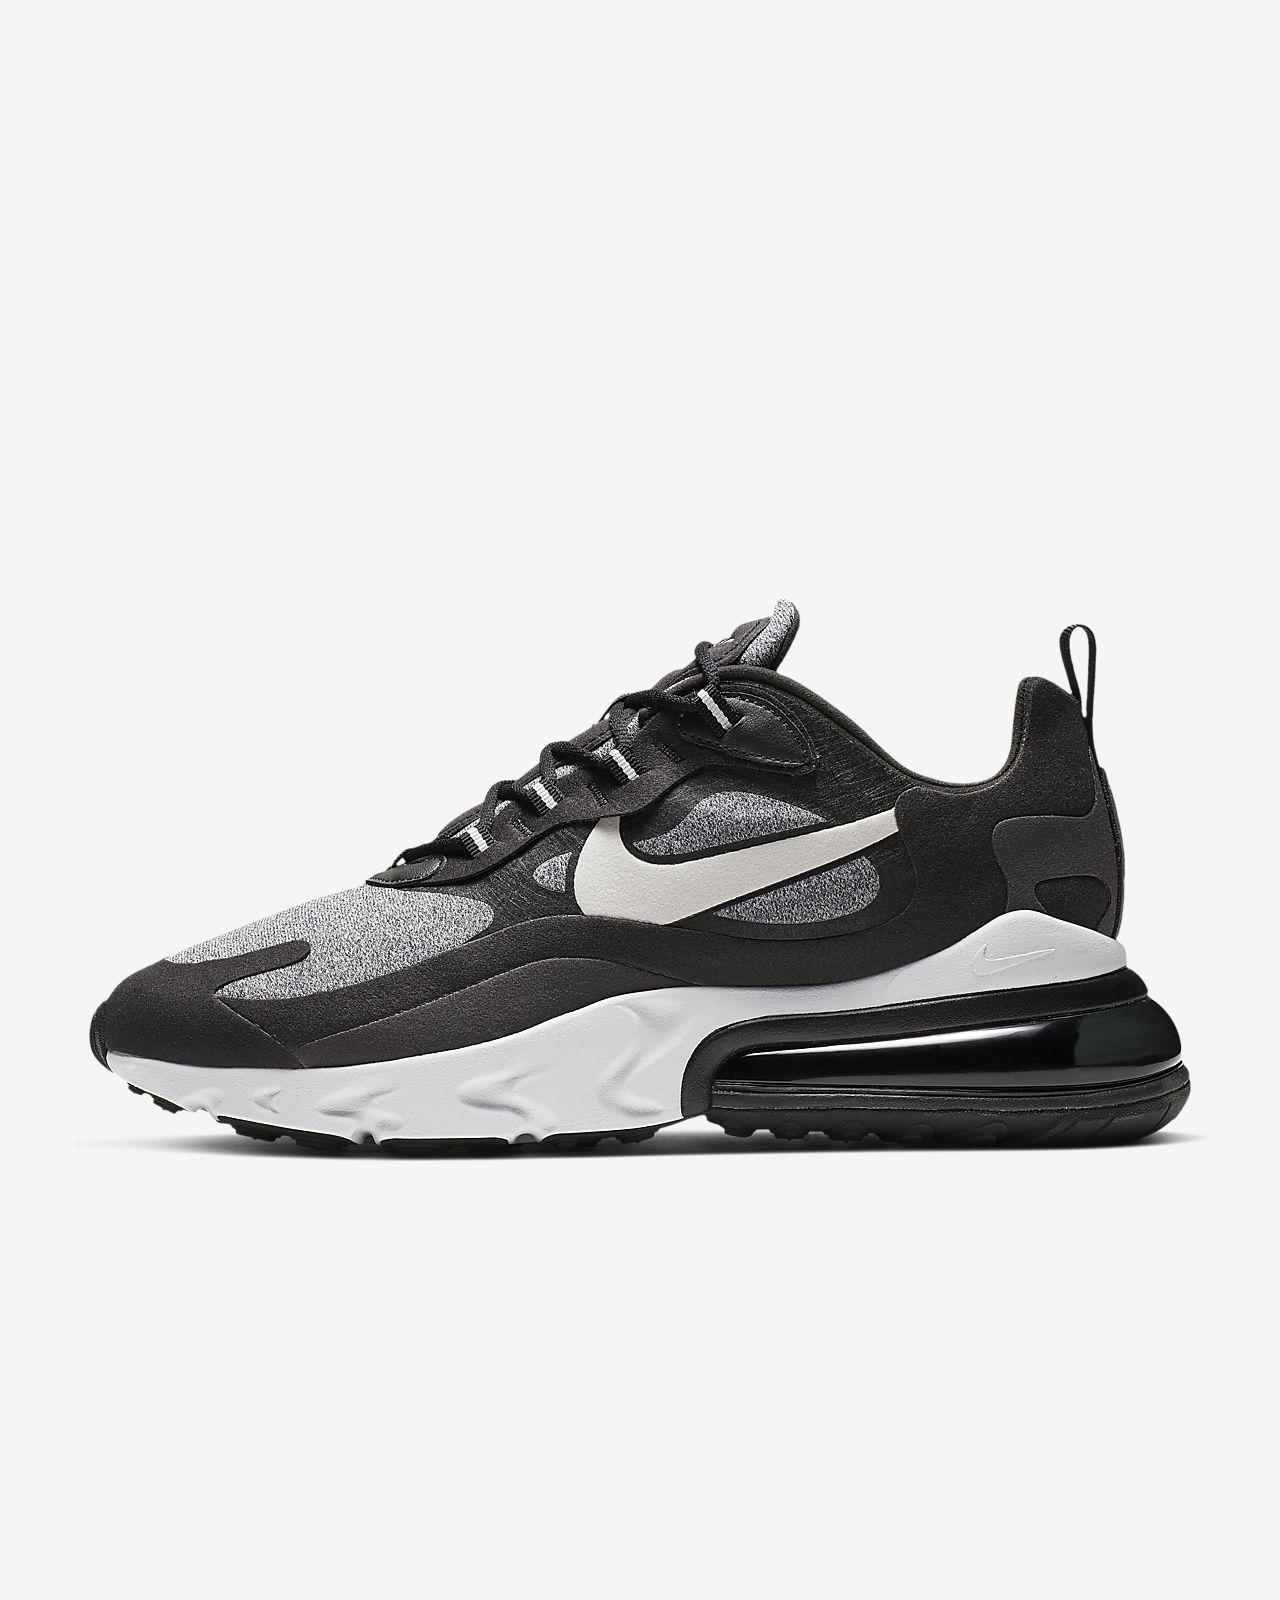 Nike Air Max 270 React 男子运动鞋